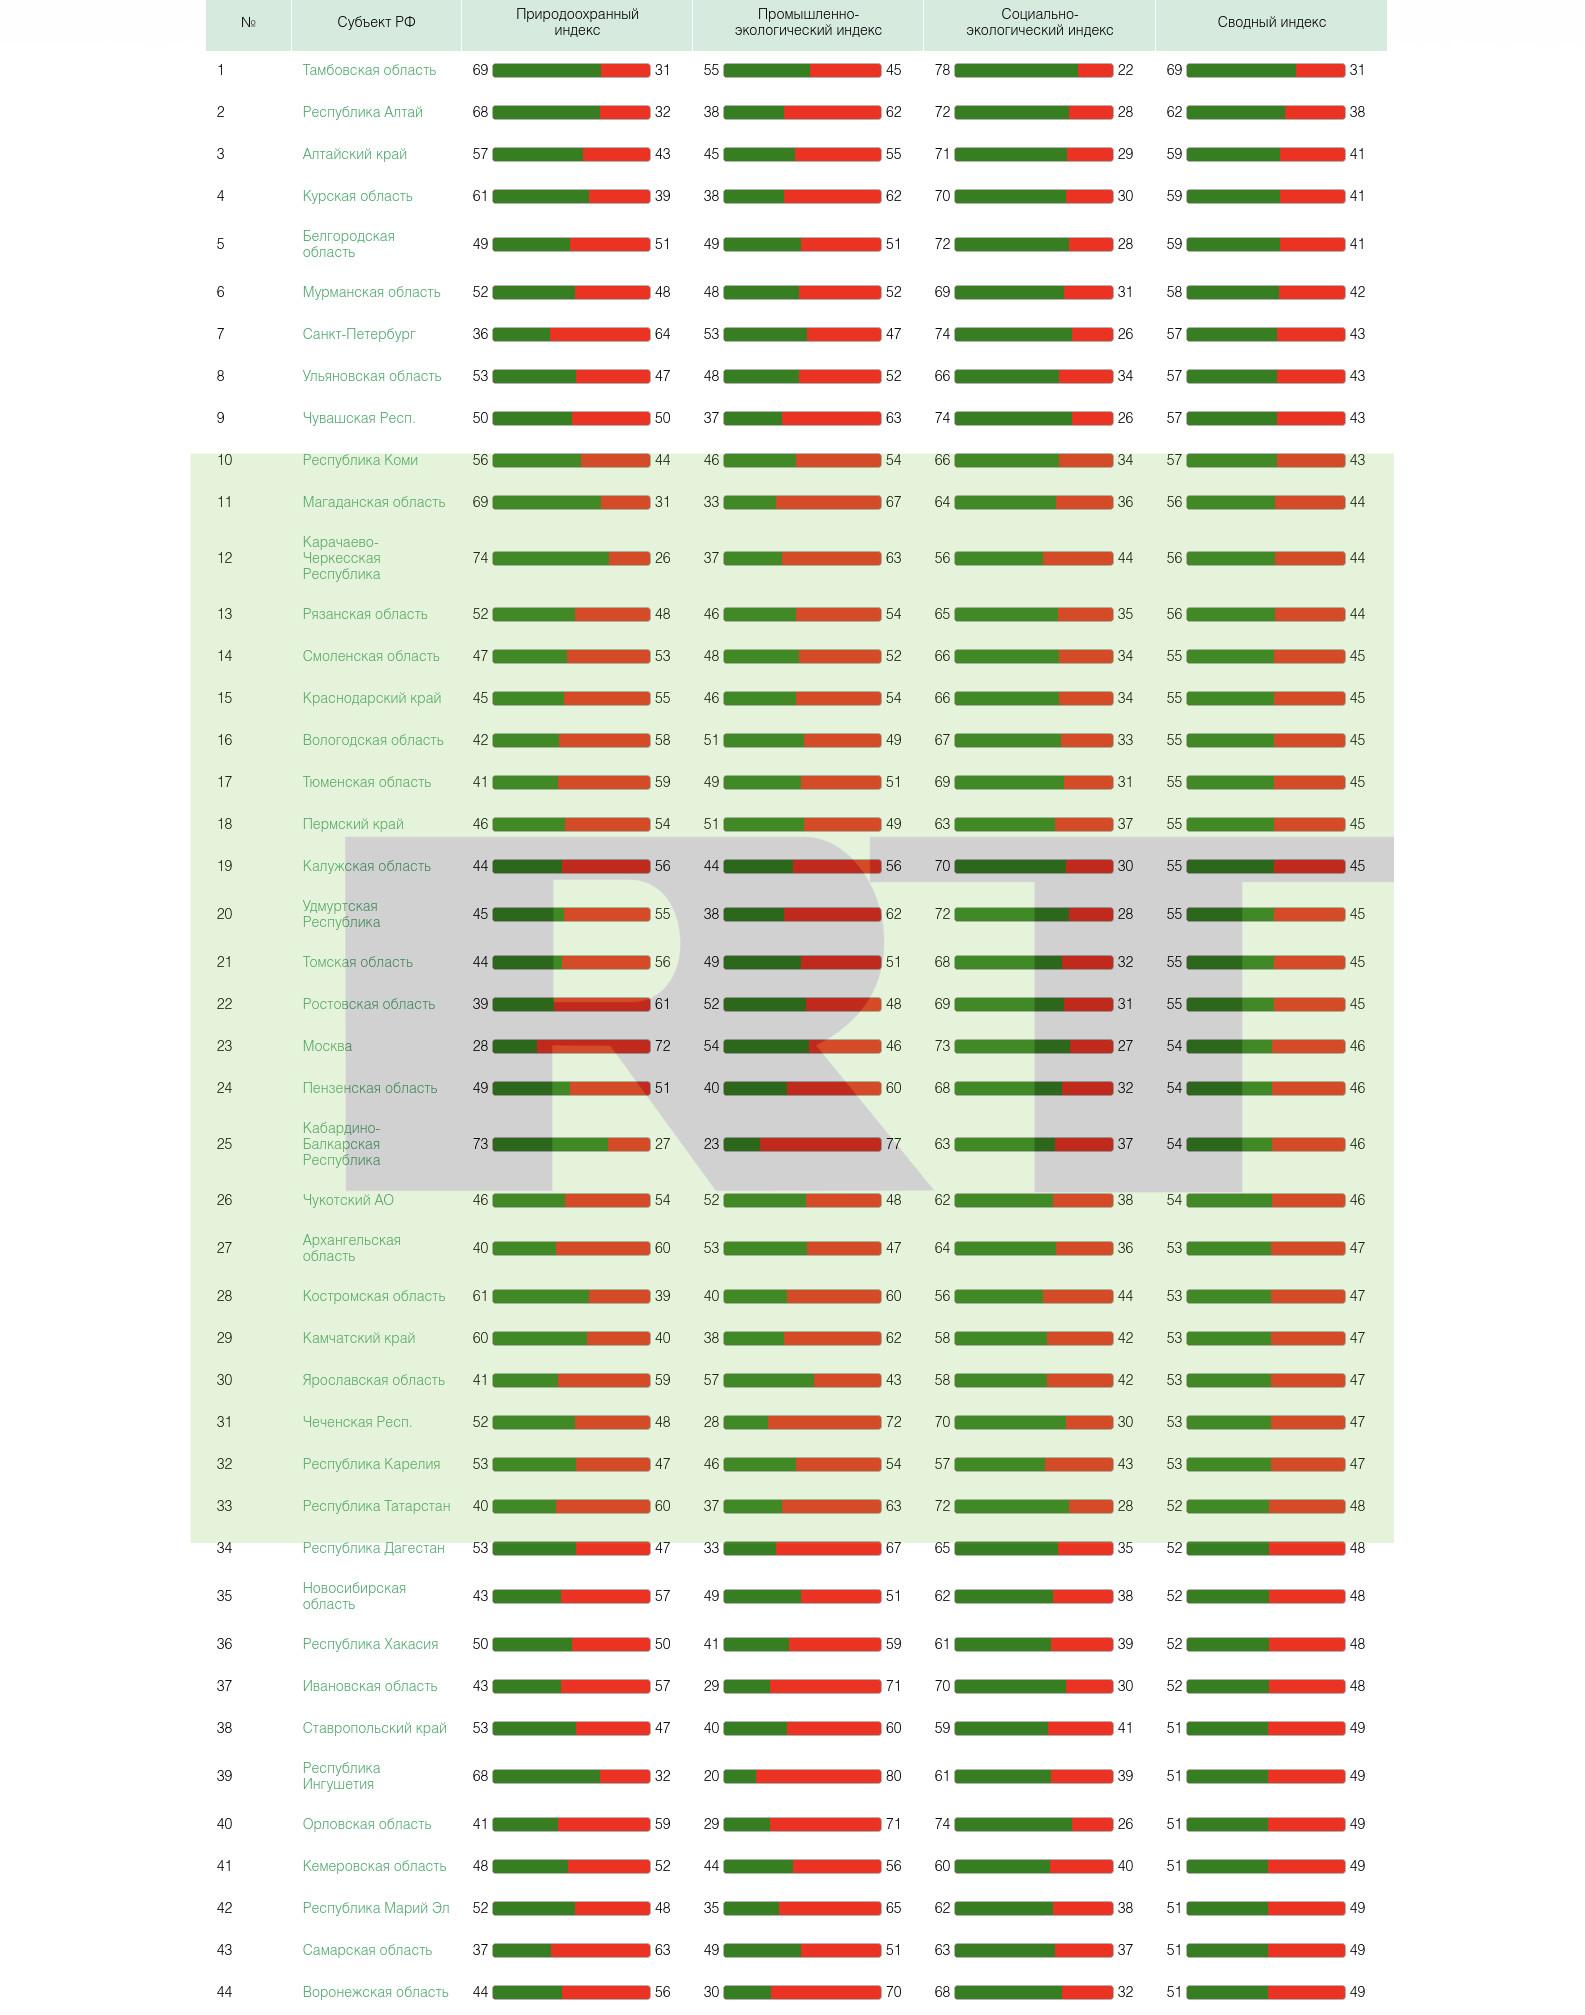 5b15605c370f2c6a378b45c9 Составлен экологический рейтинг регионов России по итогам весны 2018 года